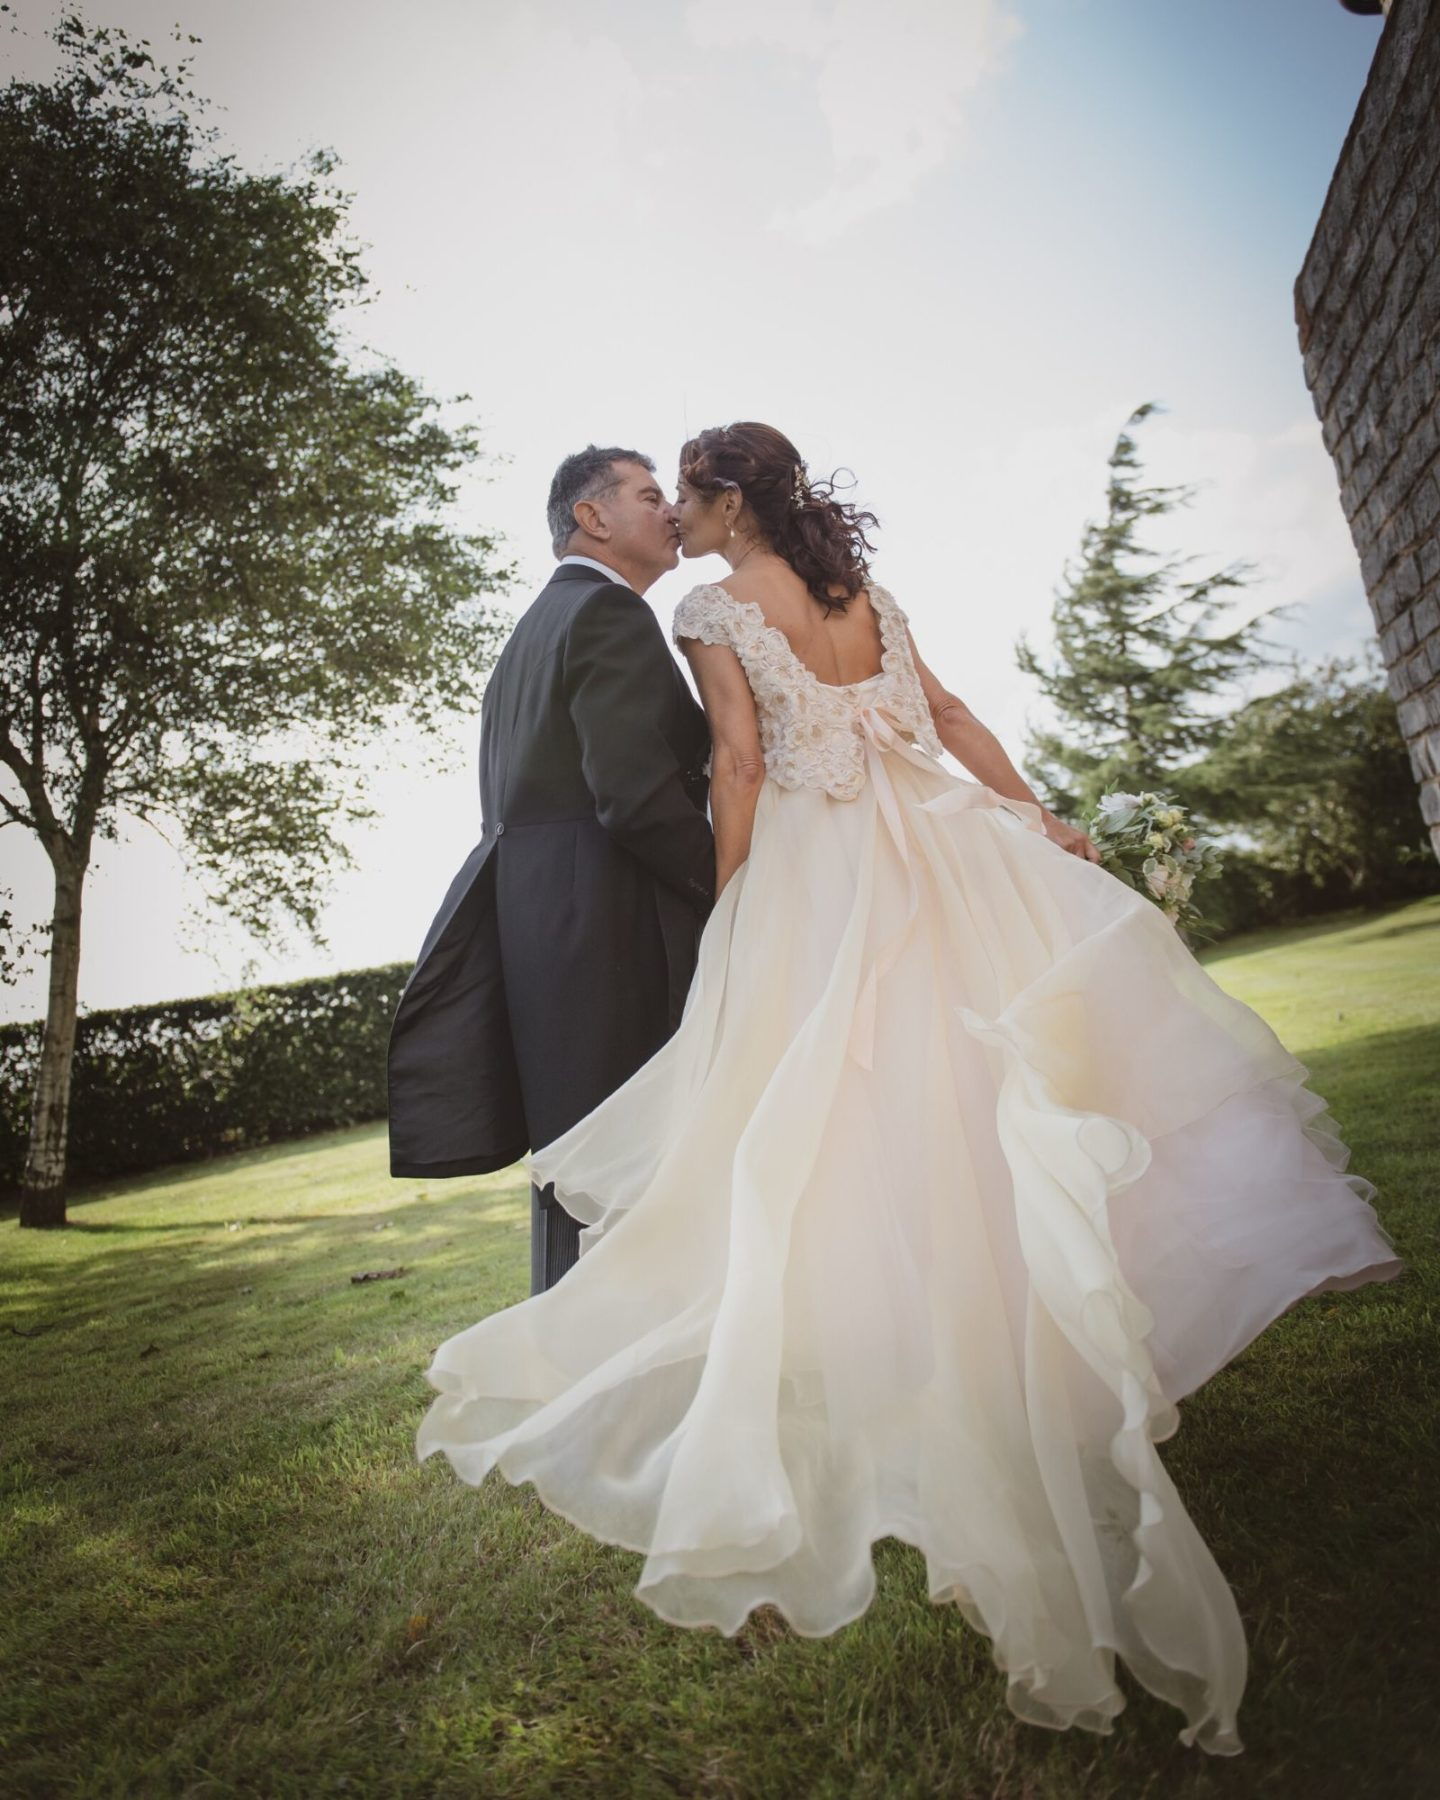 Flowy unique wedding dress from Stratford wedding dress shop